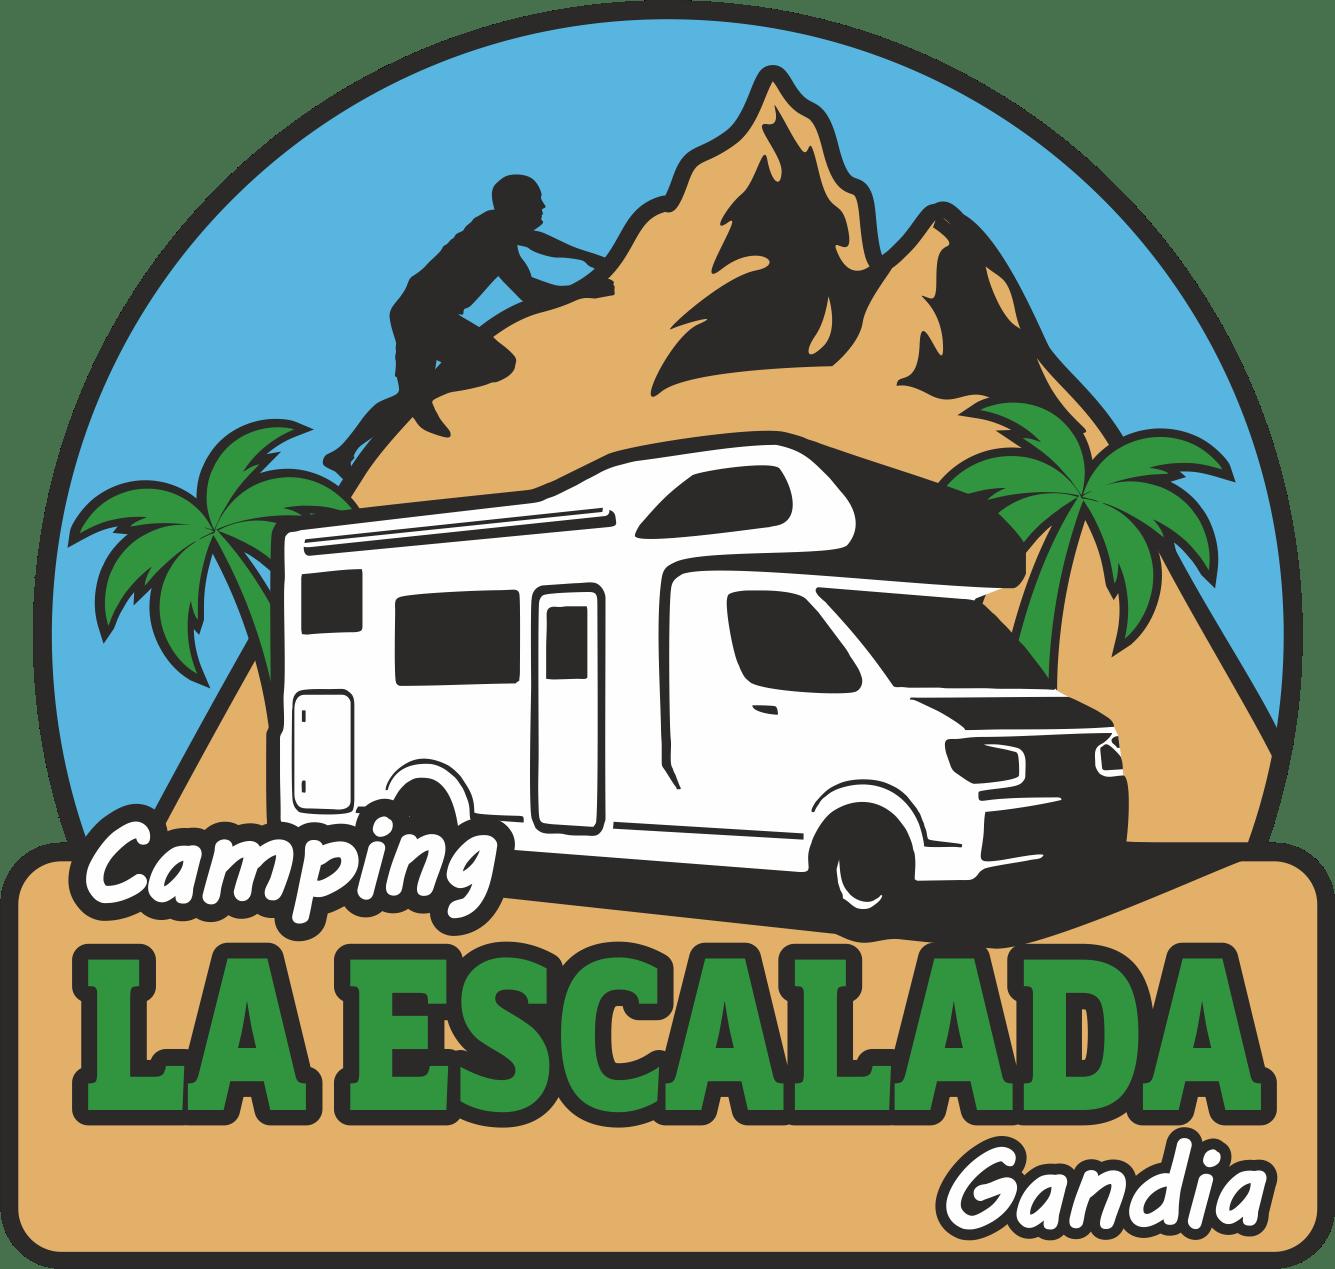 camping la escalada gandia